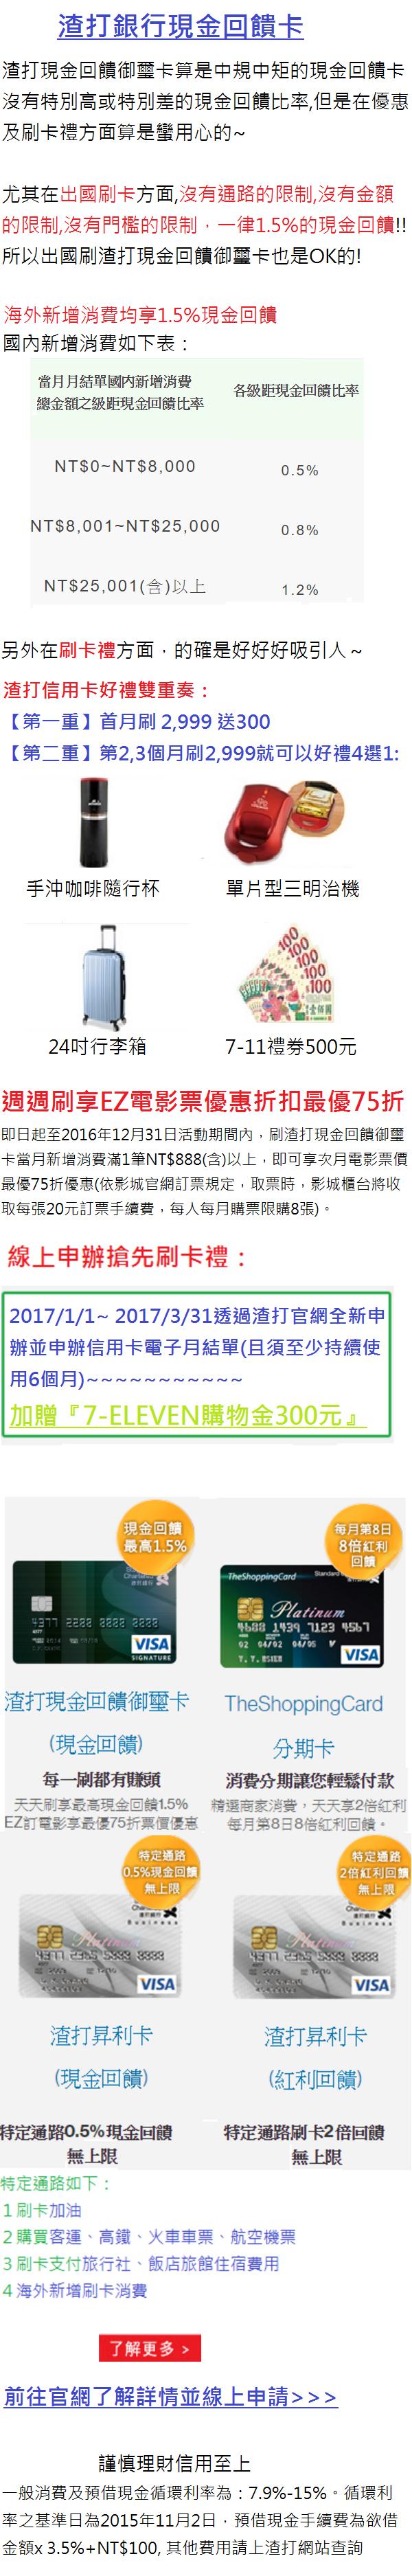 渣打現金回饋卡20170331.png